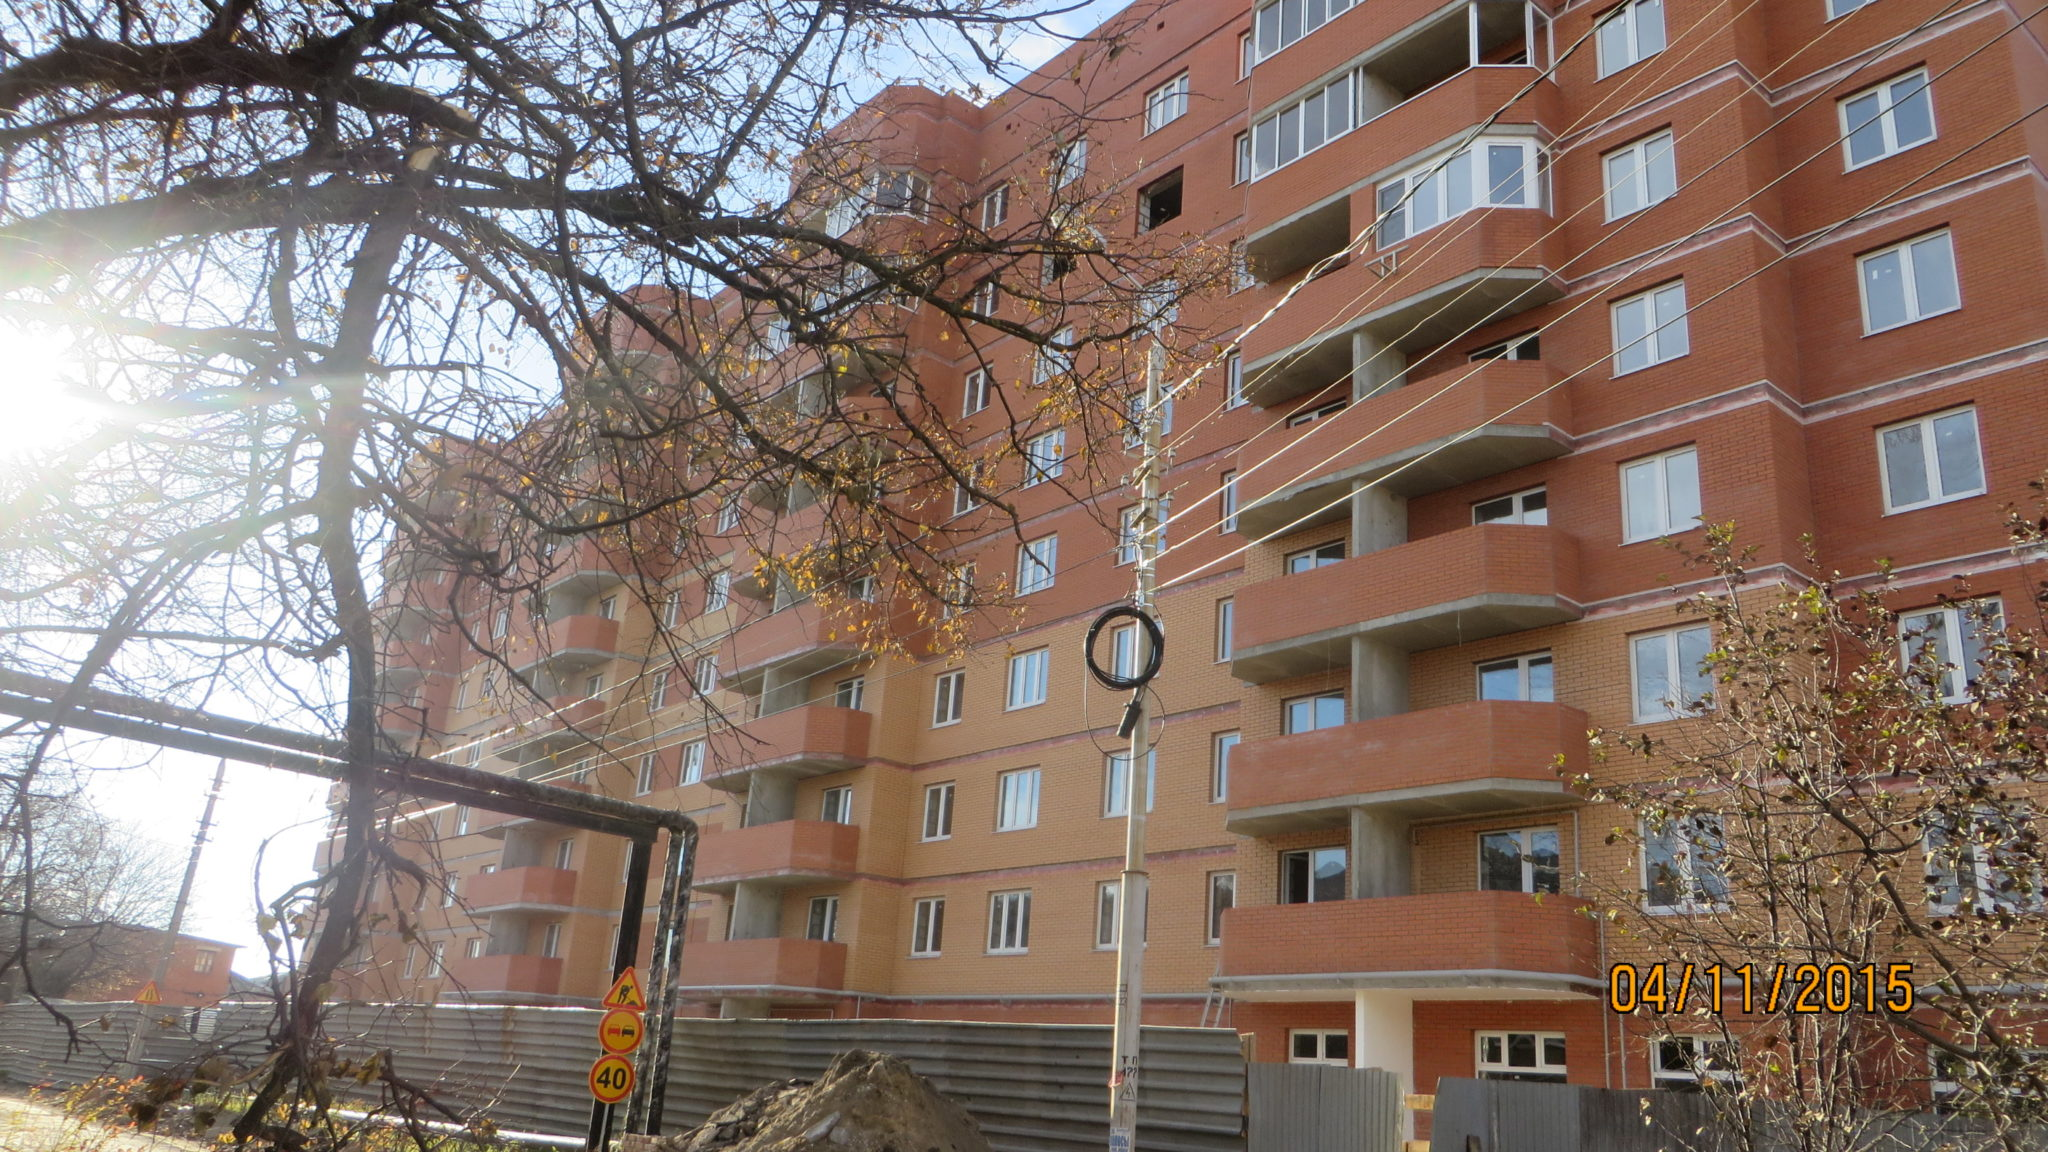 Фотографии дома ЖК НА ЛИТЕЙНОЙ по улице Литейная г. Тулы. ООО Компания Витэсс